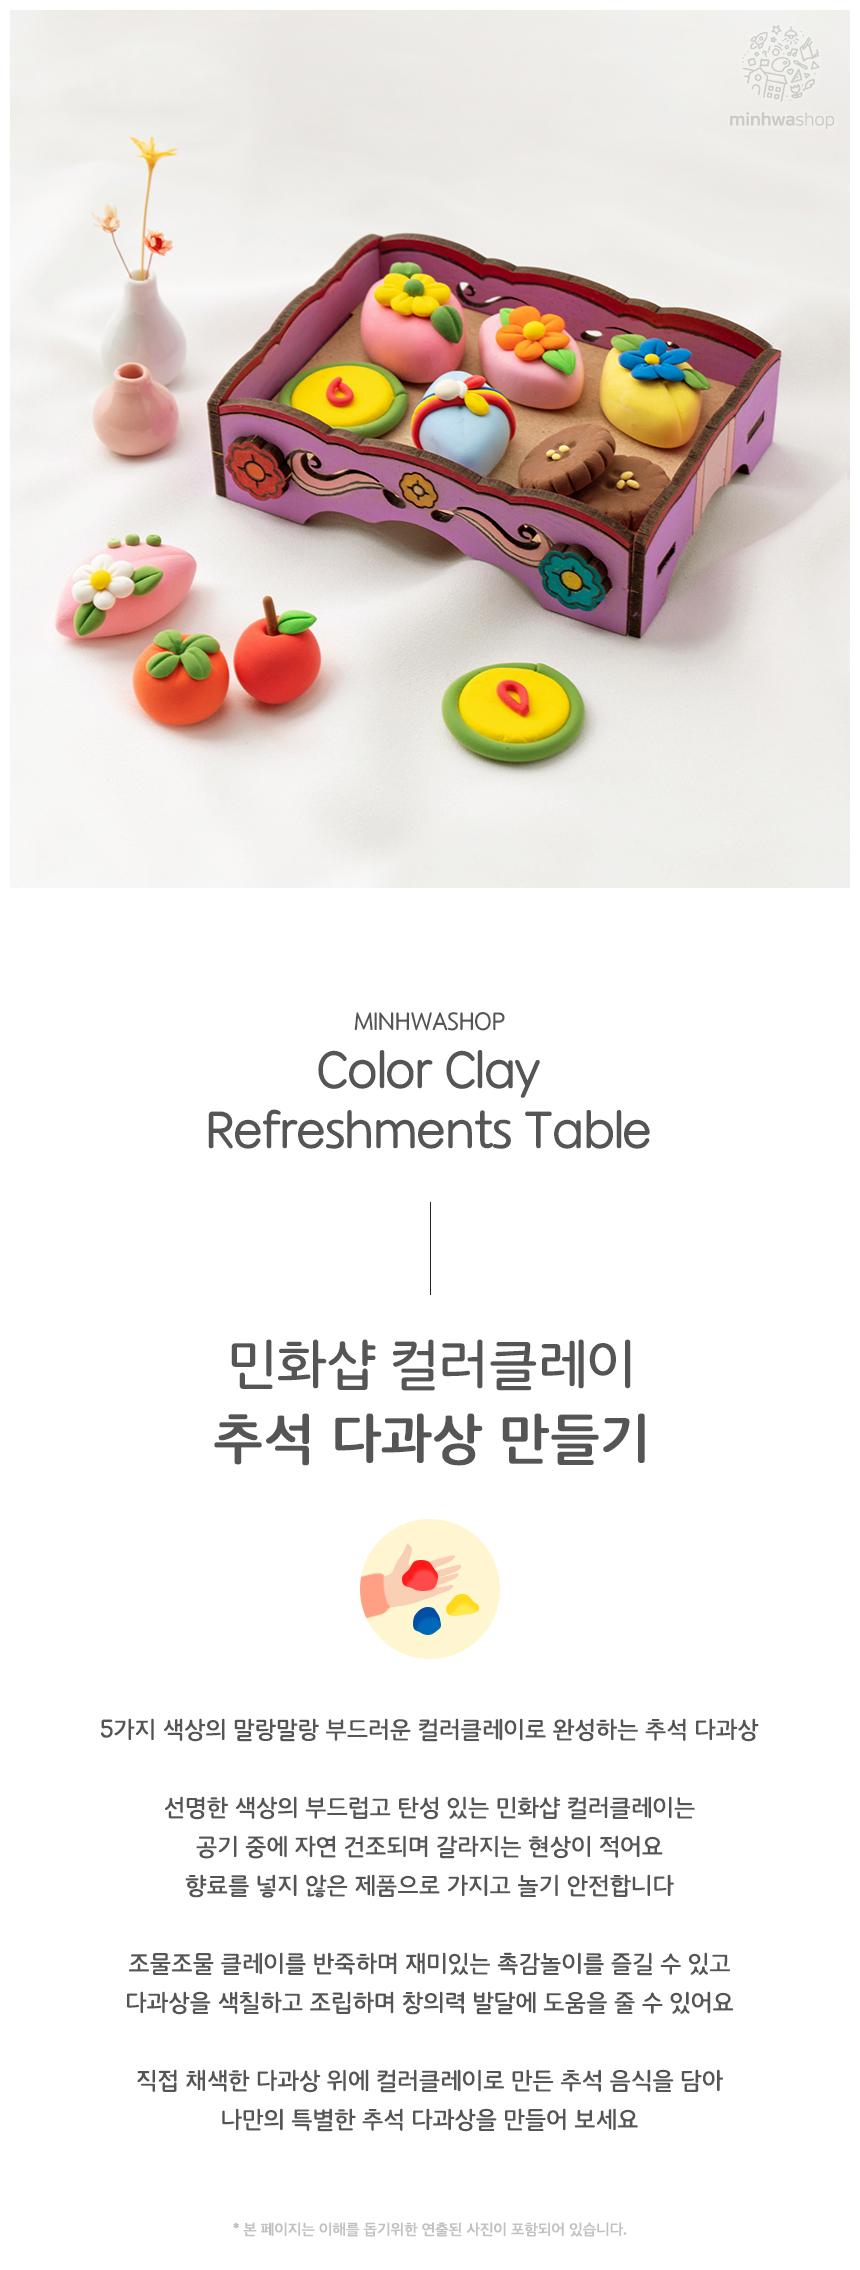 추석다과상+컬러